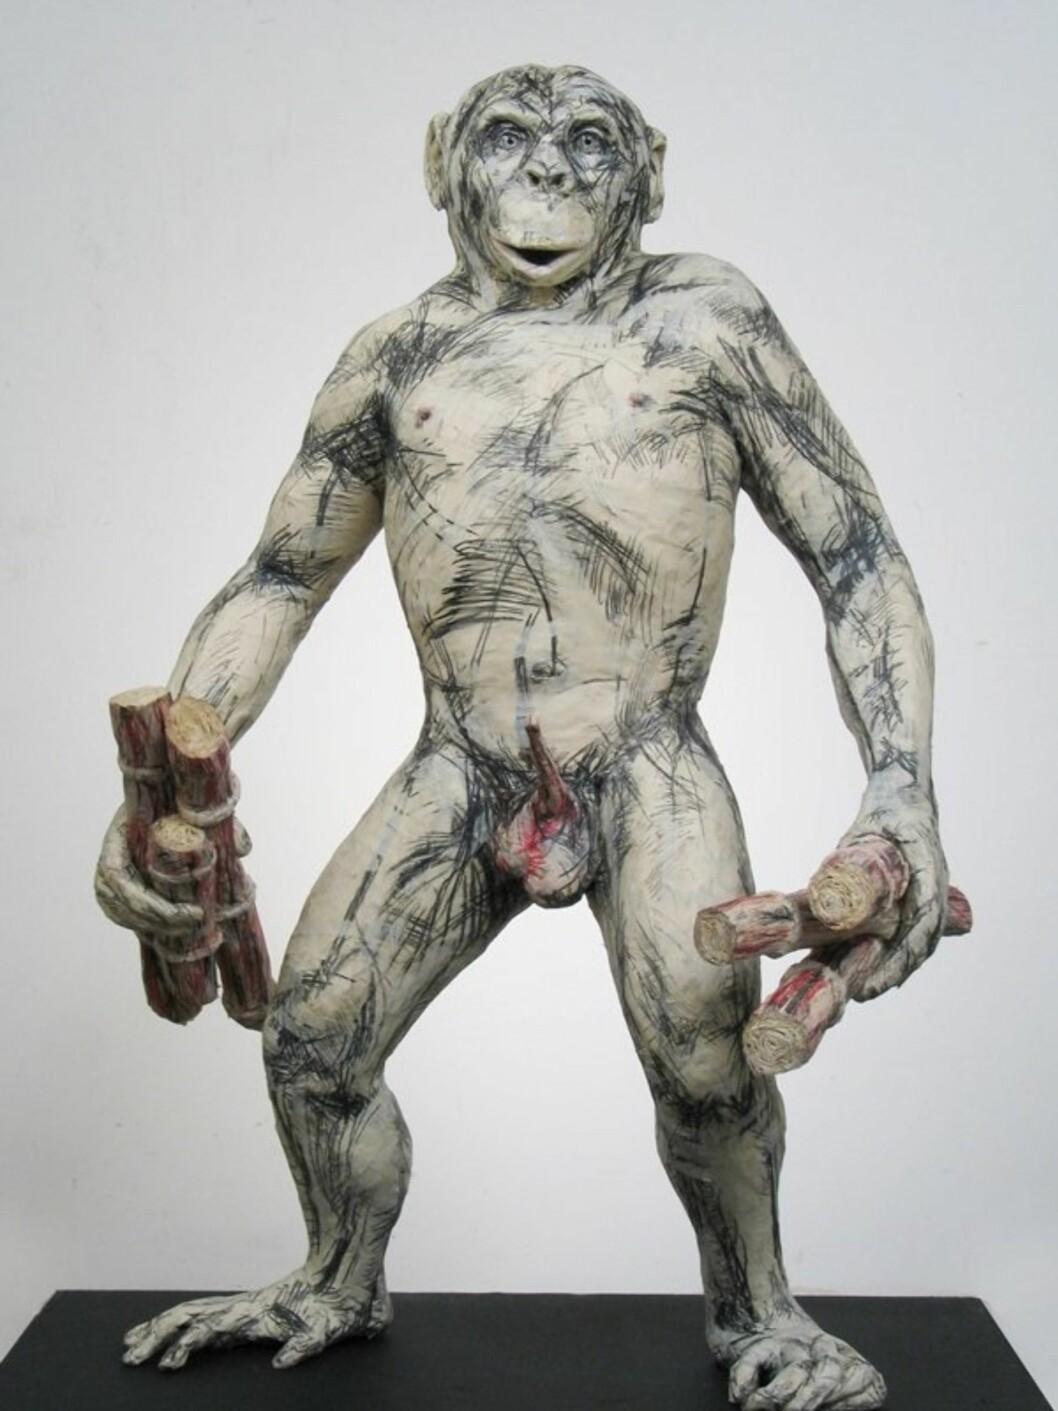 Sexy tur til New YorkDette er en dyr gave, men spanderer du New York-tur og besøk på Museum of Sex vil han huske presangen resten av livet. Museet ligger på Fifth Avenue og presenterer alt du kan tenke deg innenfor den seksuelle verden. I skrivende stund er nordmannen Rune Olsens utstilling «The Sex Lives of Animals» en av hovedattraksjonene. Skulpturen på bildet er laget av ham.Inngangsbillett, kr. 100,- + avgift. Fly til New York kr. 2637,- per person (i skrivende stund).